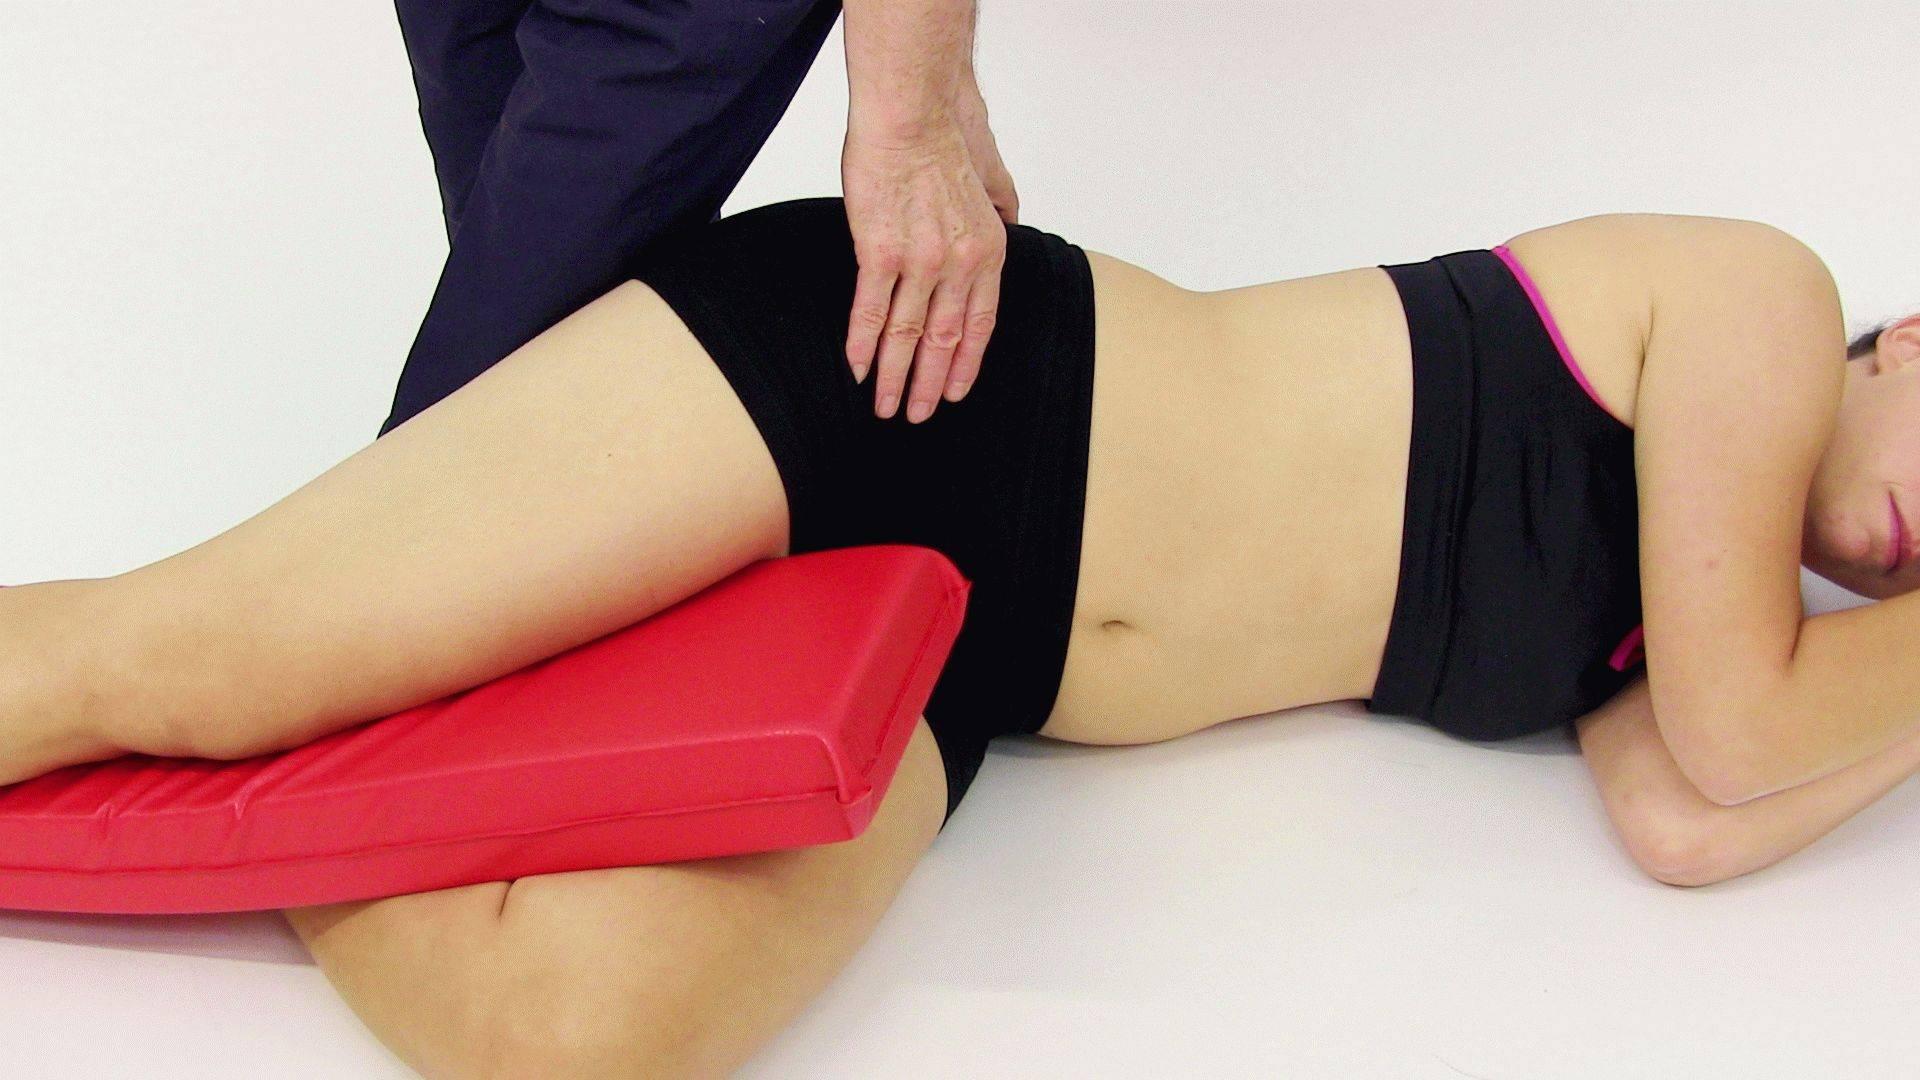 Йогатерапия: что это такое и видео для позвоночника, тазобедренных и коленных суставов